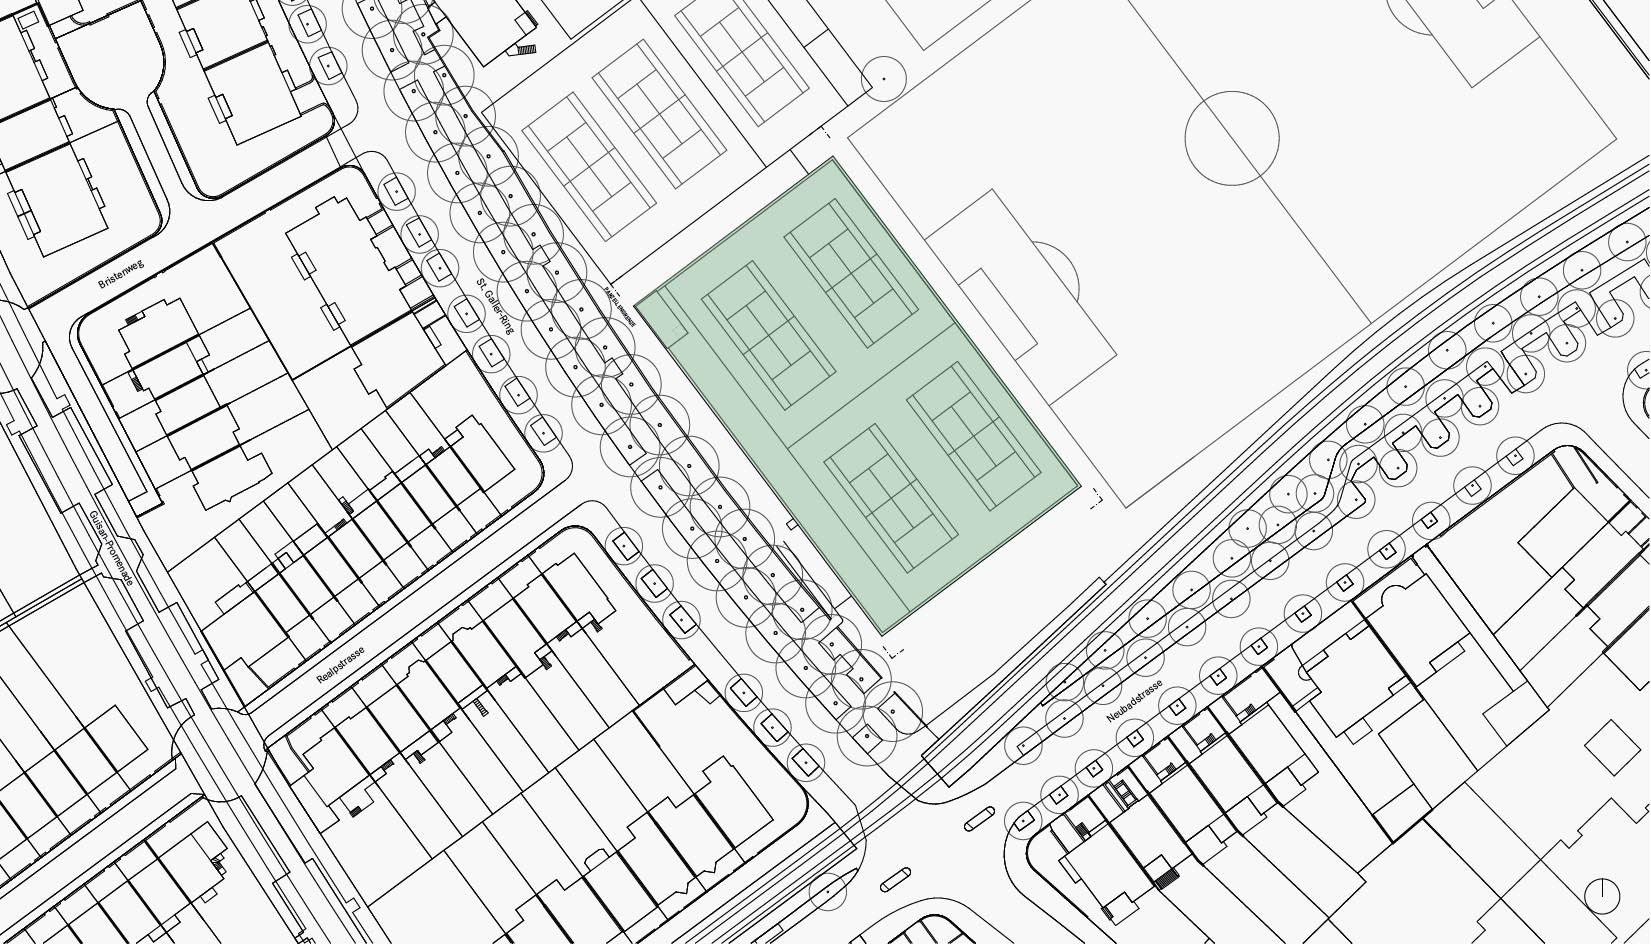 Situationsplan der neuen Halle: Die grüne Fläche zeigt die neue Halle. Zwei bestehende Tennisplätze werden dafür aufgehoben